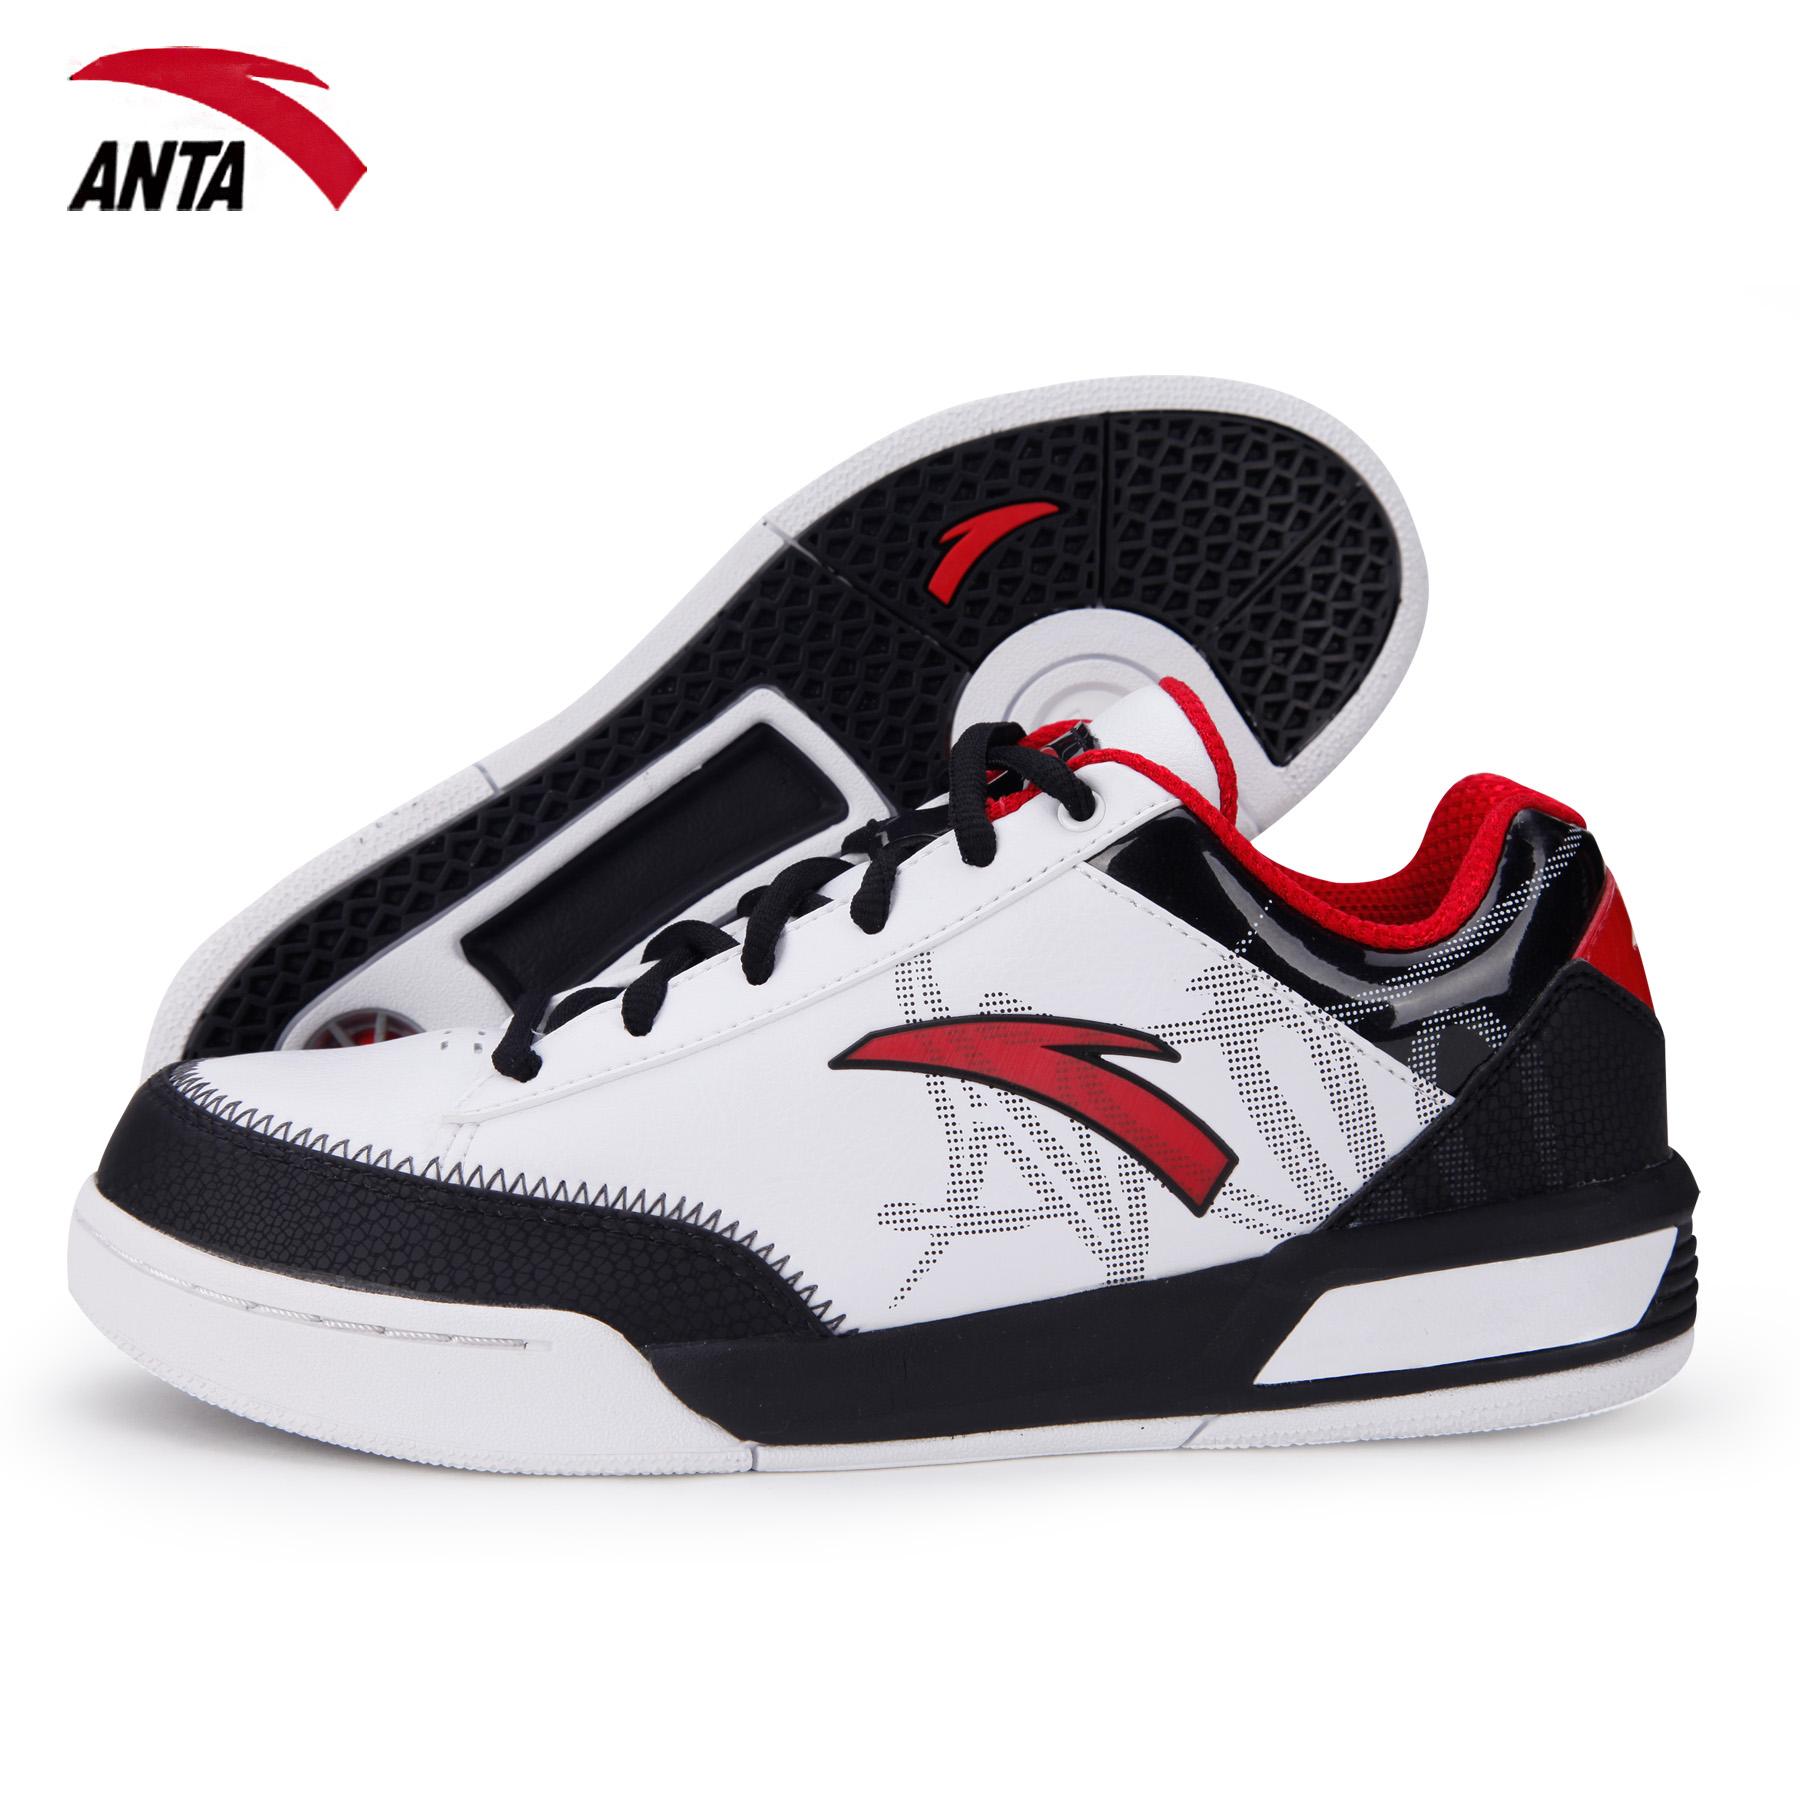 баскетбольные кроссовки Anta 91231002 12 Летом 2012 года Мужские Искусственная кожа